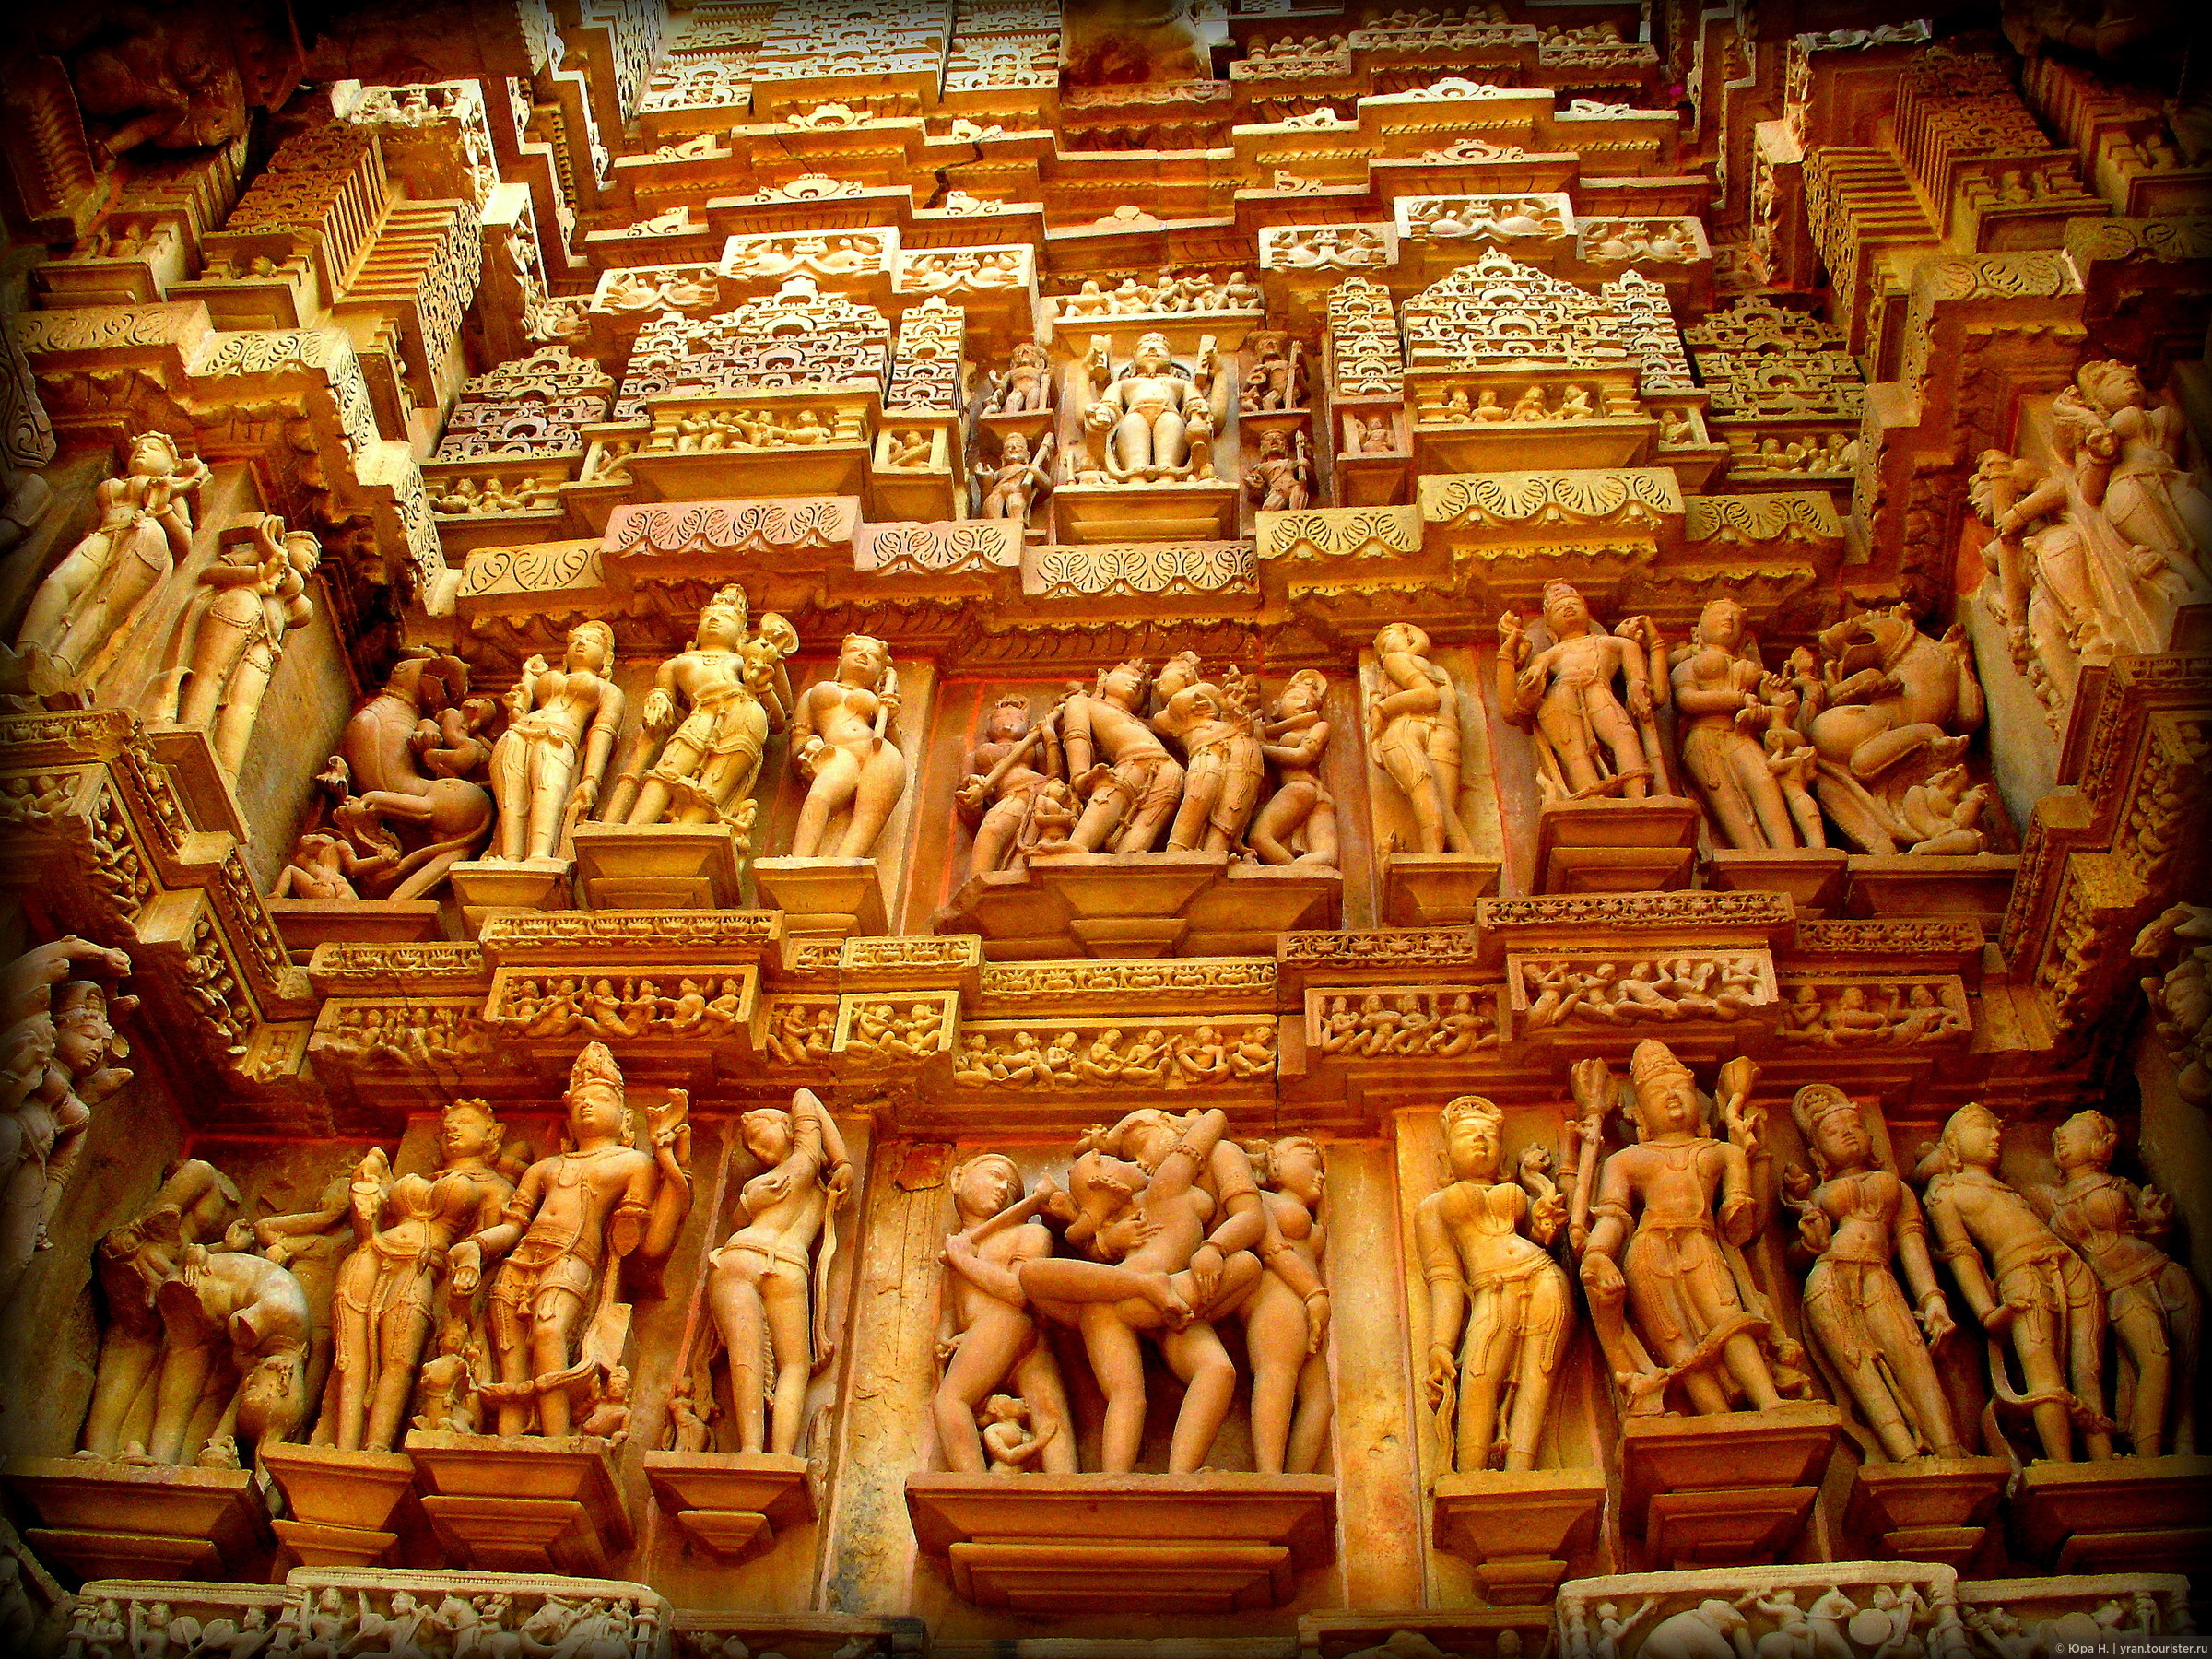 Храмы Любви. Сказка, застывшая в камне (Каджурахо, Индия) | 1800x2400